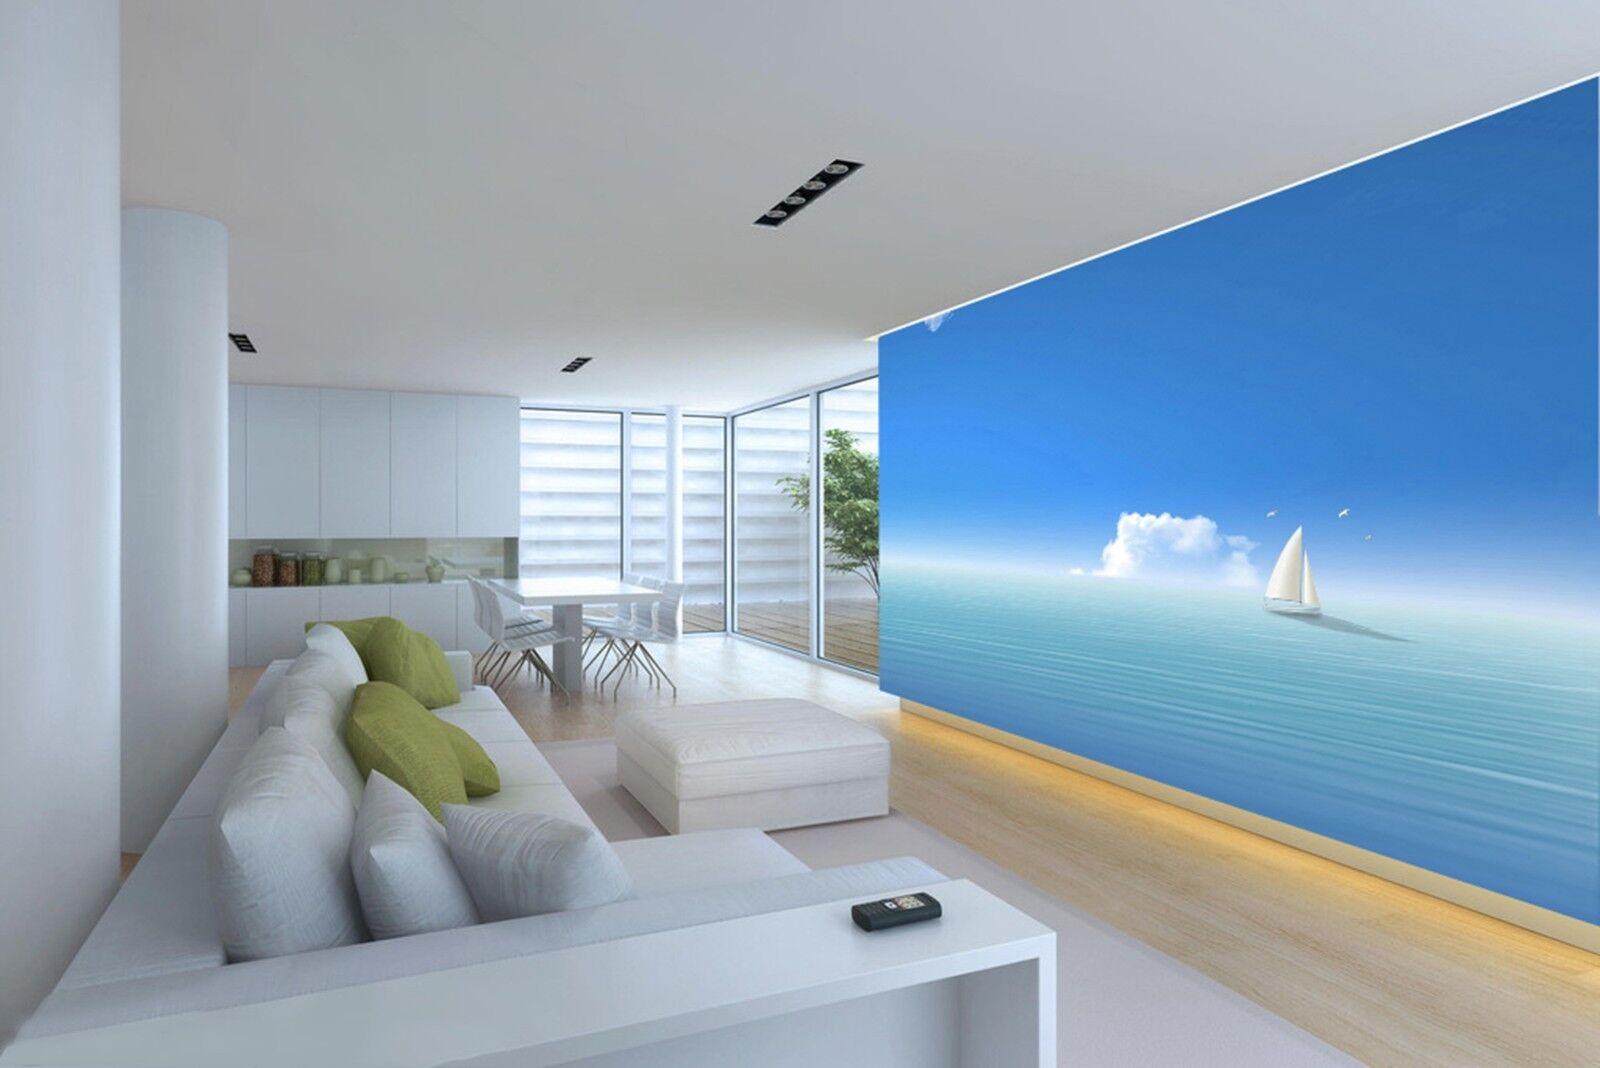 3D Meer Himmel Wolken 9083 Tapete Wandgemälde Tapeten Bild Familie DE Lemon | Zürich Online Shop  | Ausgezeichnet  | Umweltfreundlich